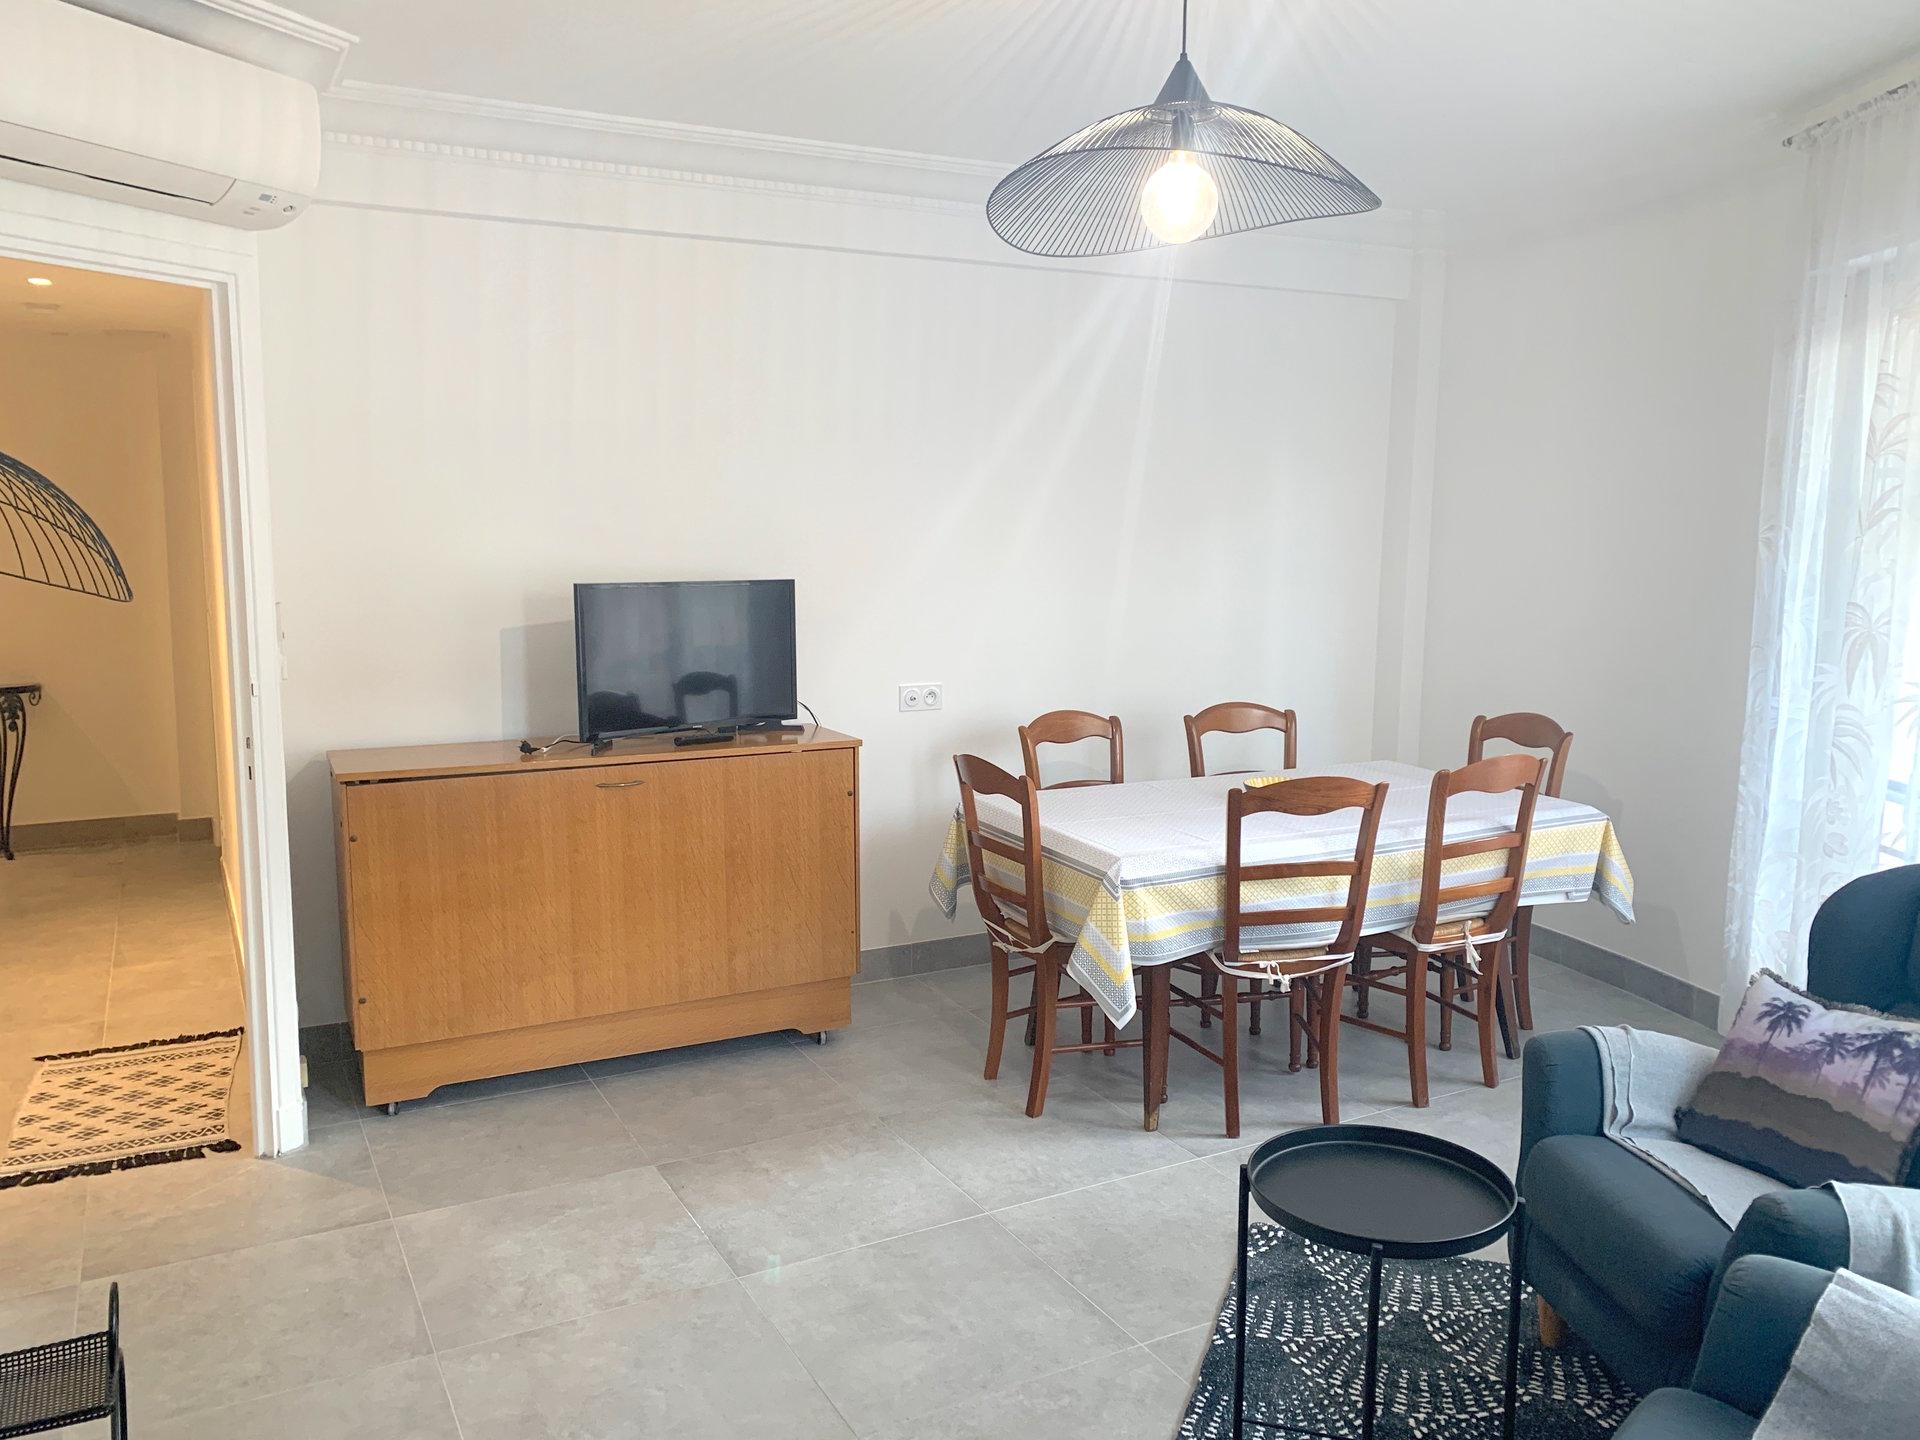 Affitto stagionale Appartamento - Cannes Croisette